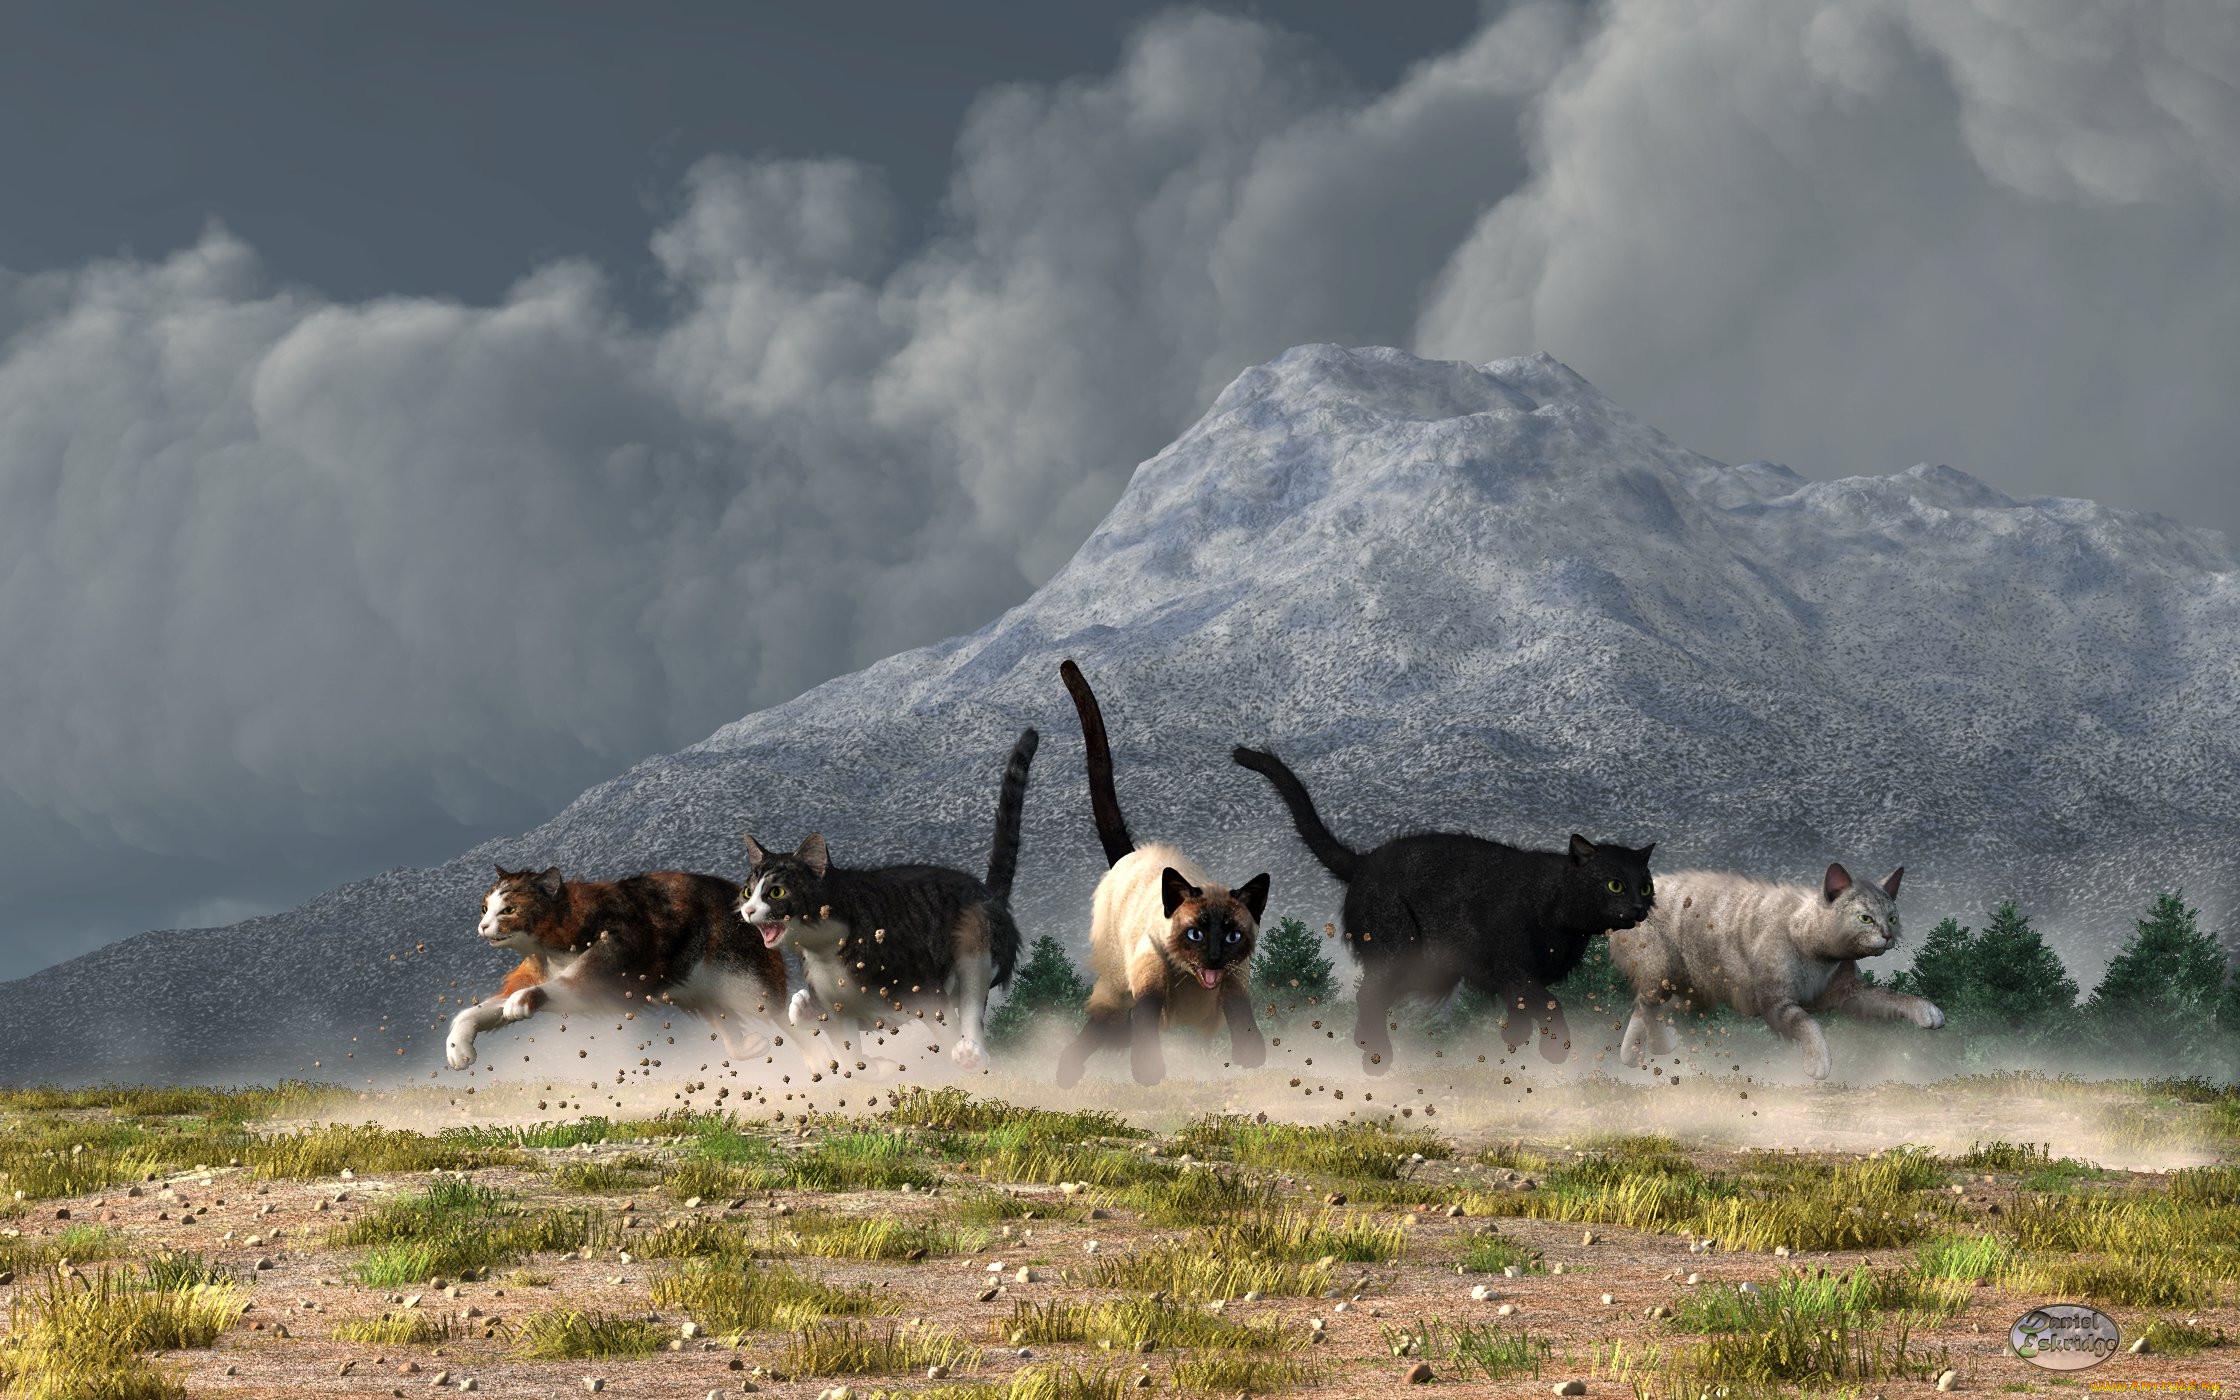 картинки с котами в горах фото названиями